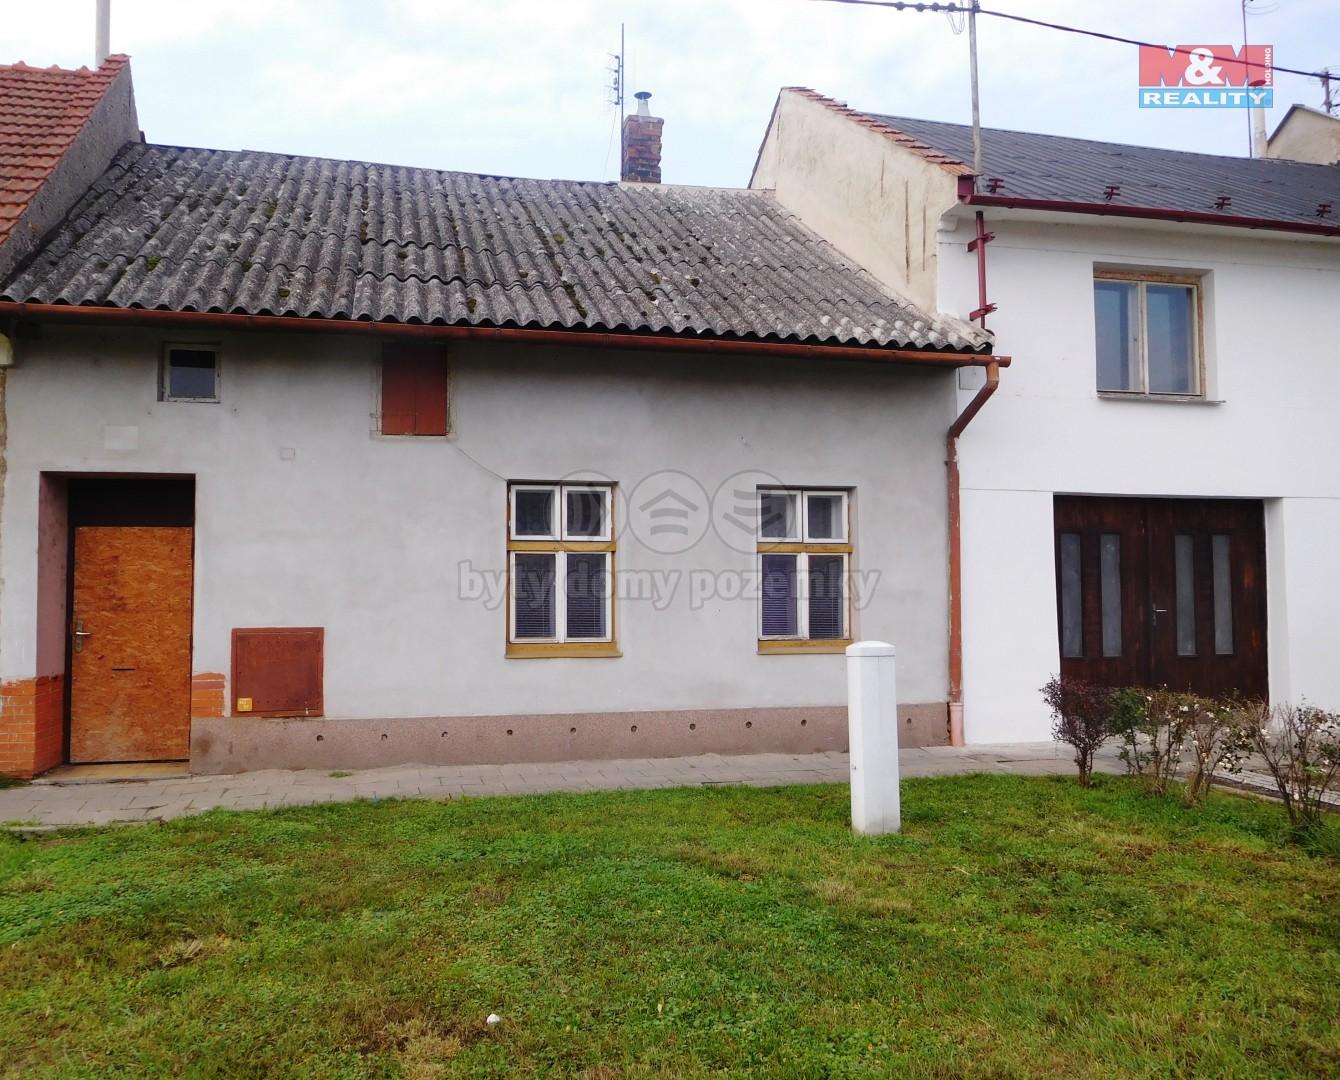 Prodej, rodinný dům, Kojetín